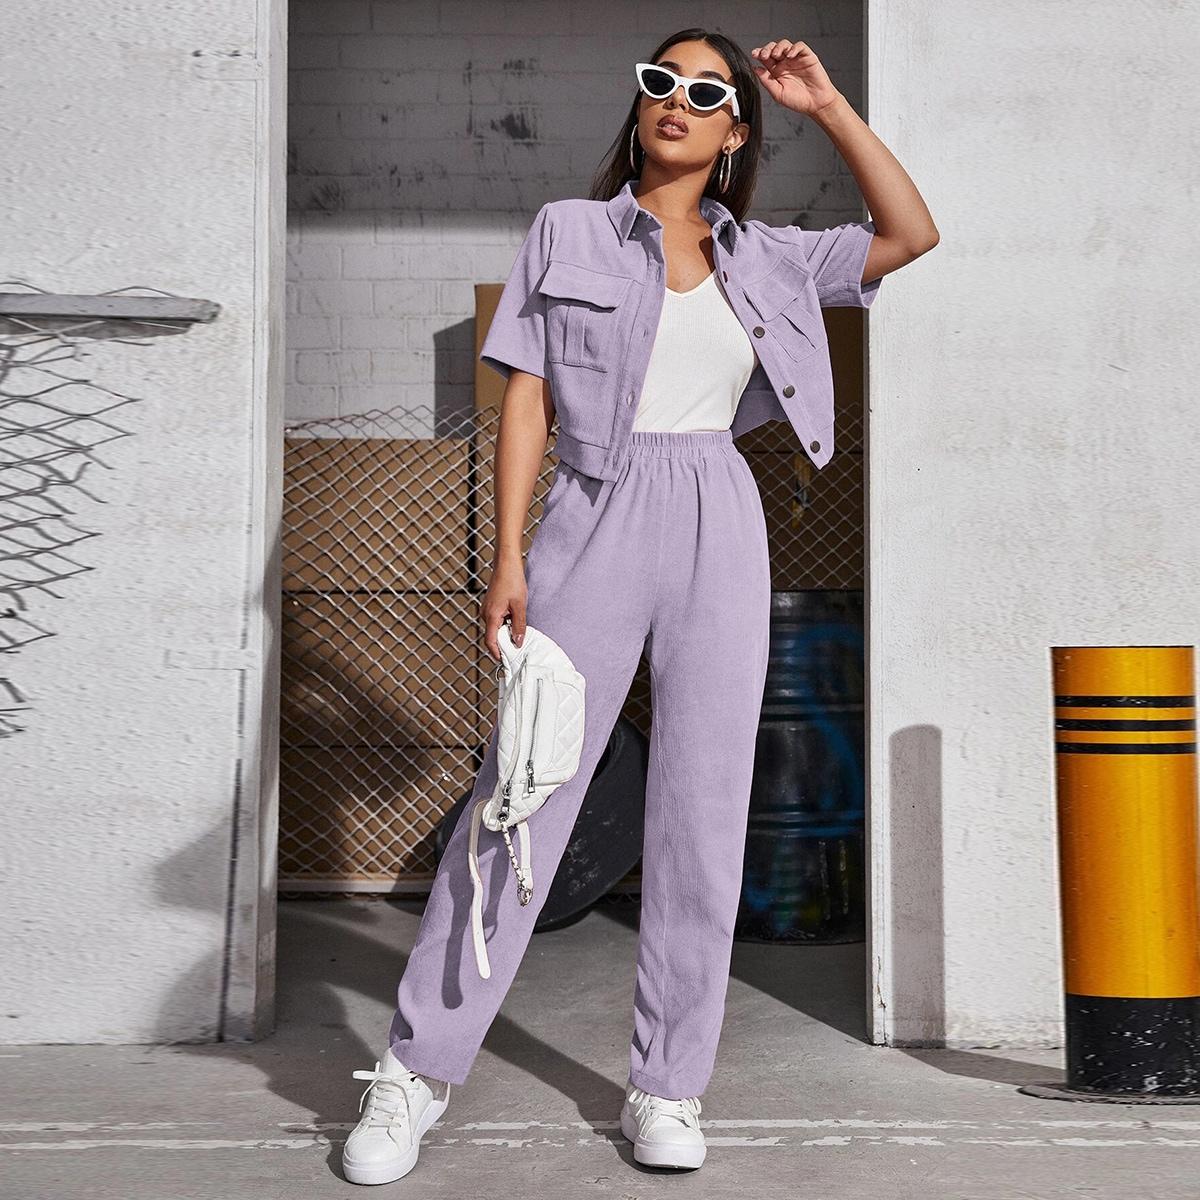 Вельветовая блузка с карманом и брюки SheIn swtwop25210331513